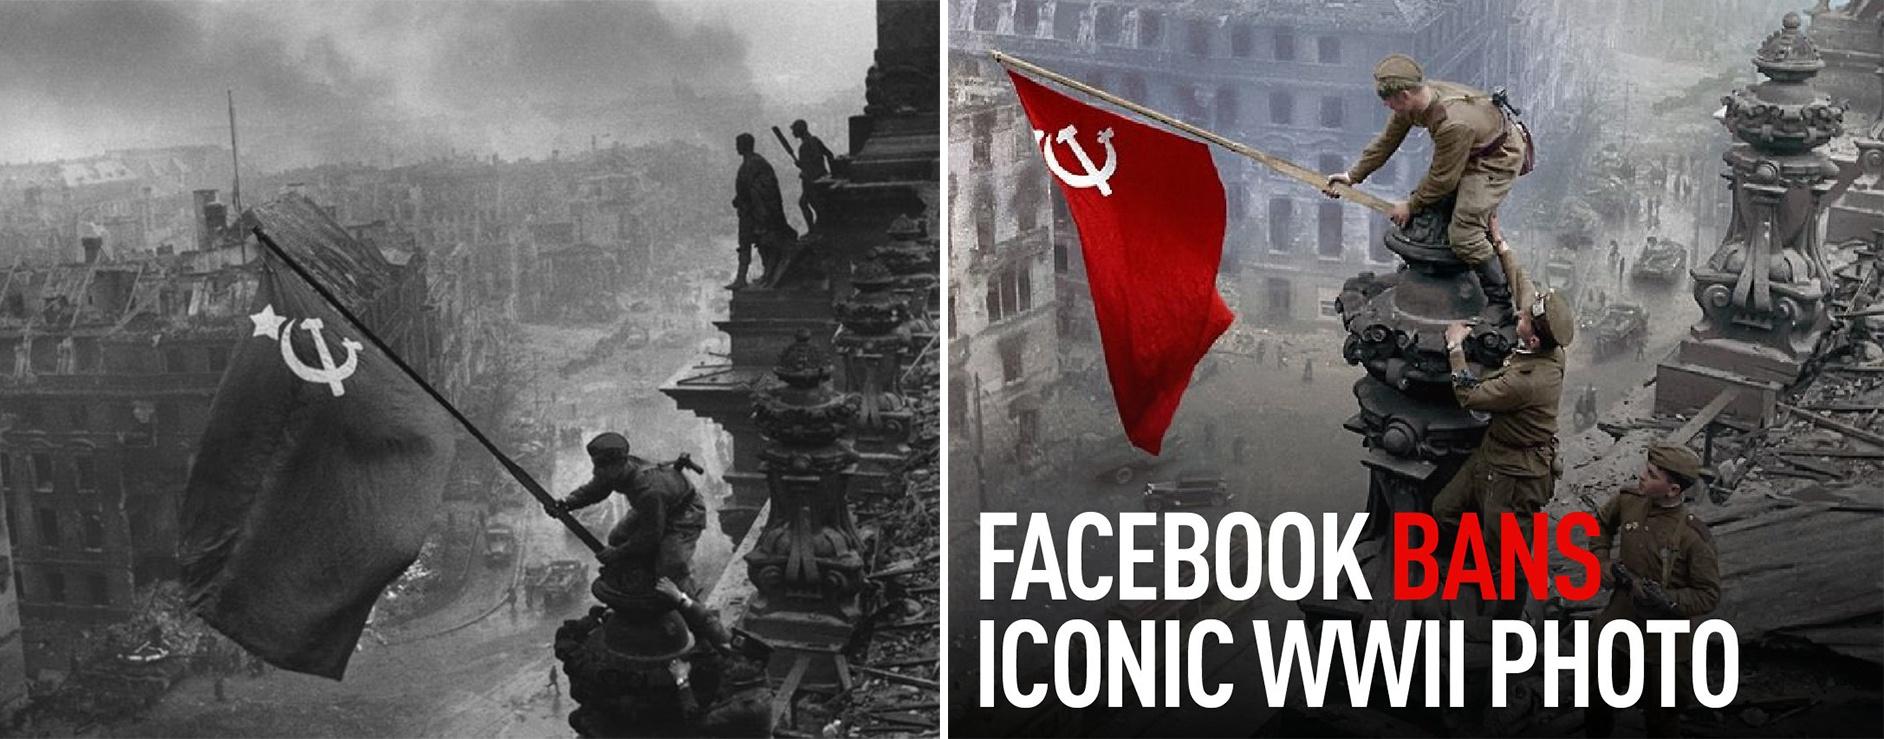 左为历史上拍摄的照片,右图为民间重新上色版本 图自:社交媒体